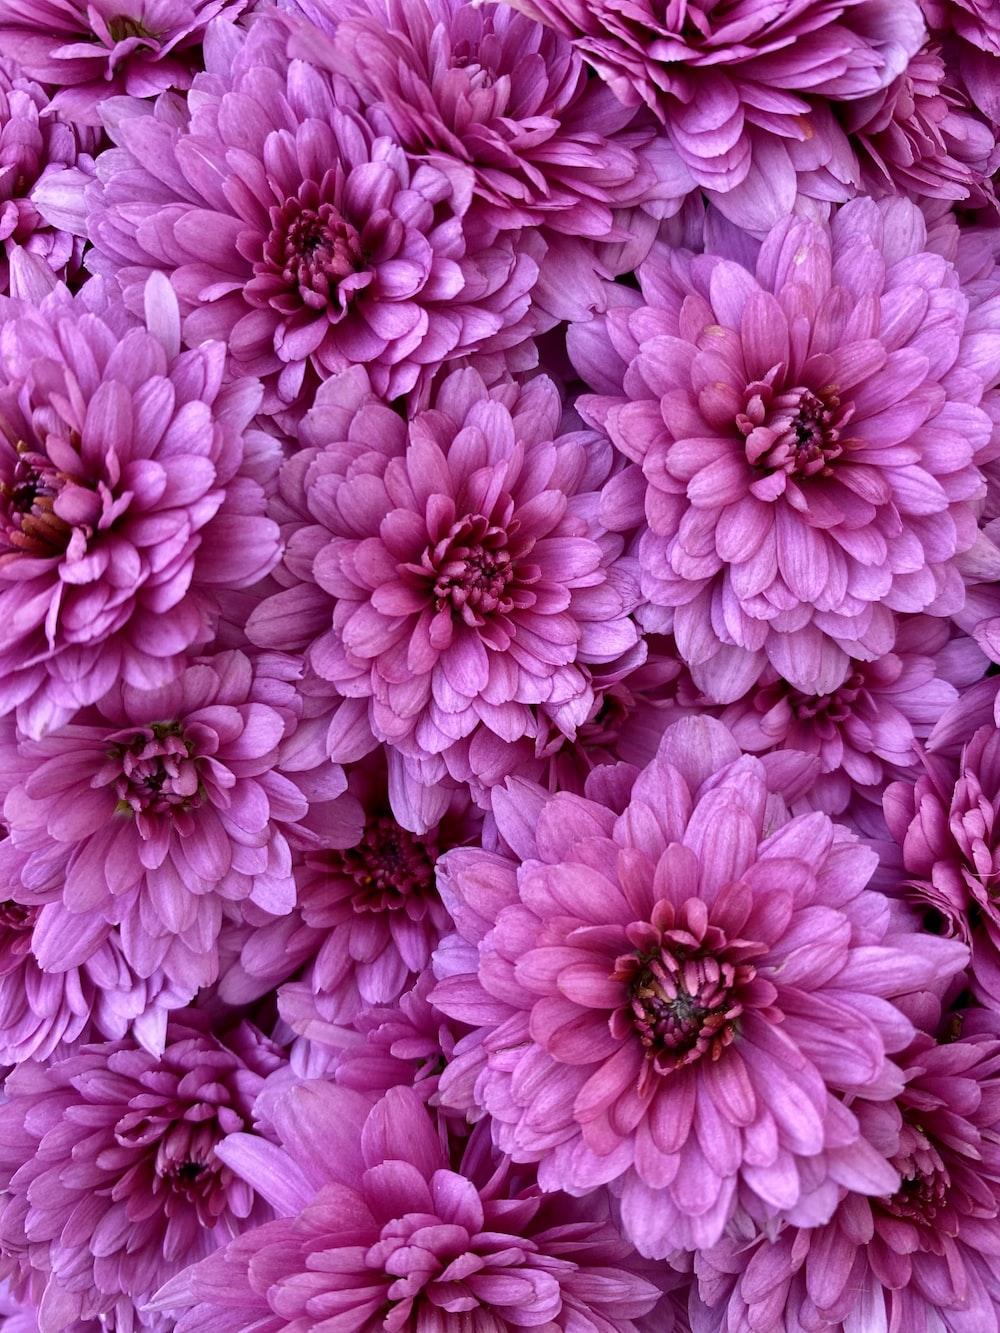 pink flowers in macro lens